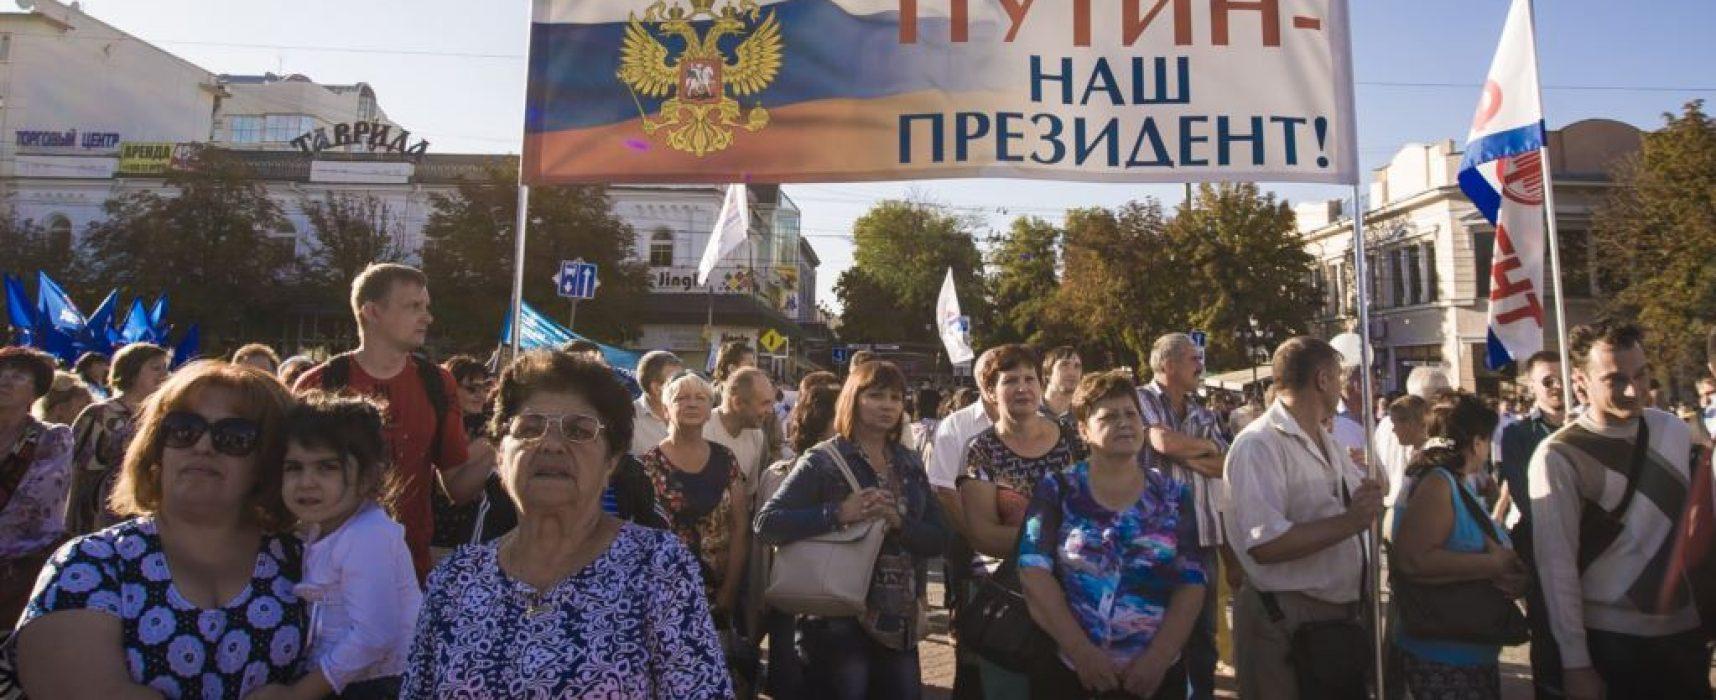 Евгения Горюнова: Российское забвение Крыма